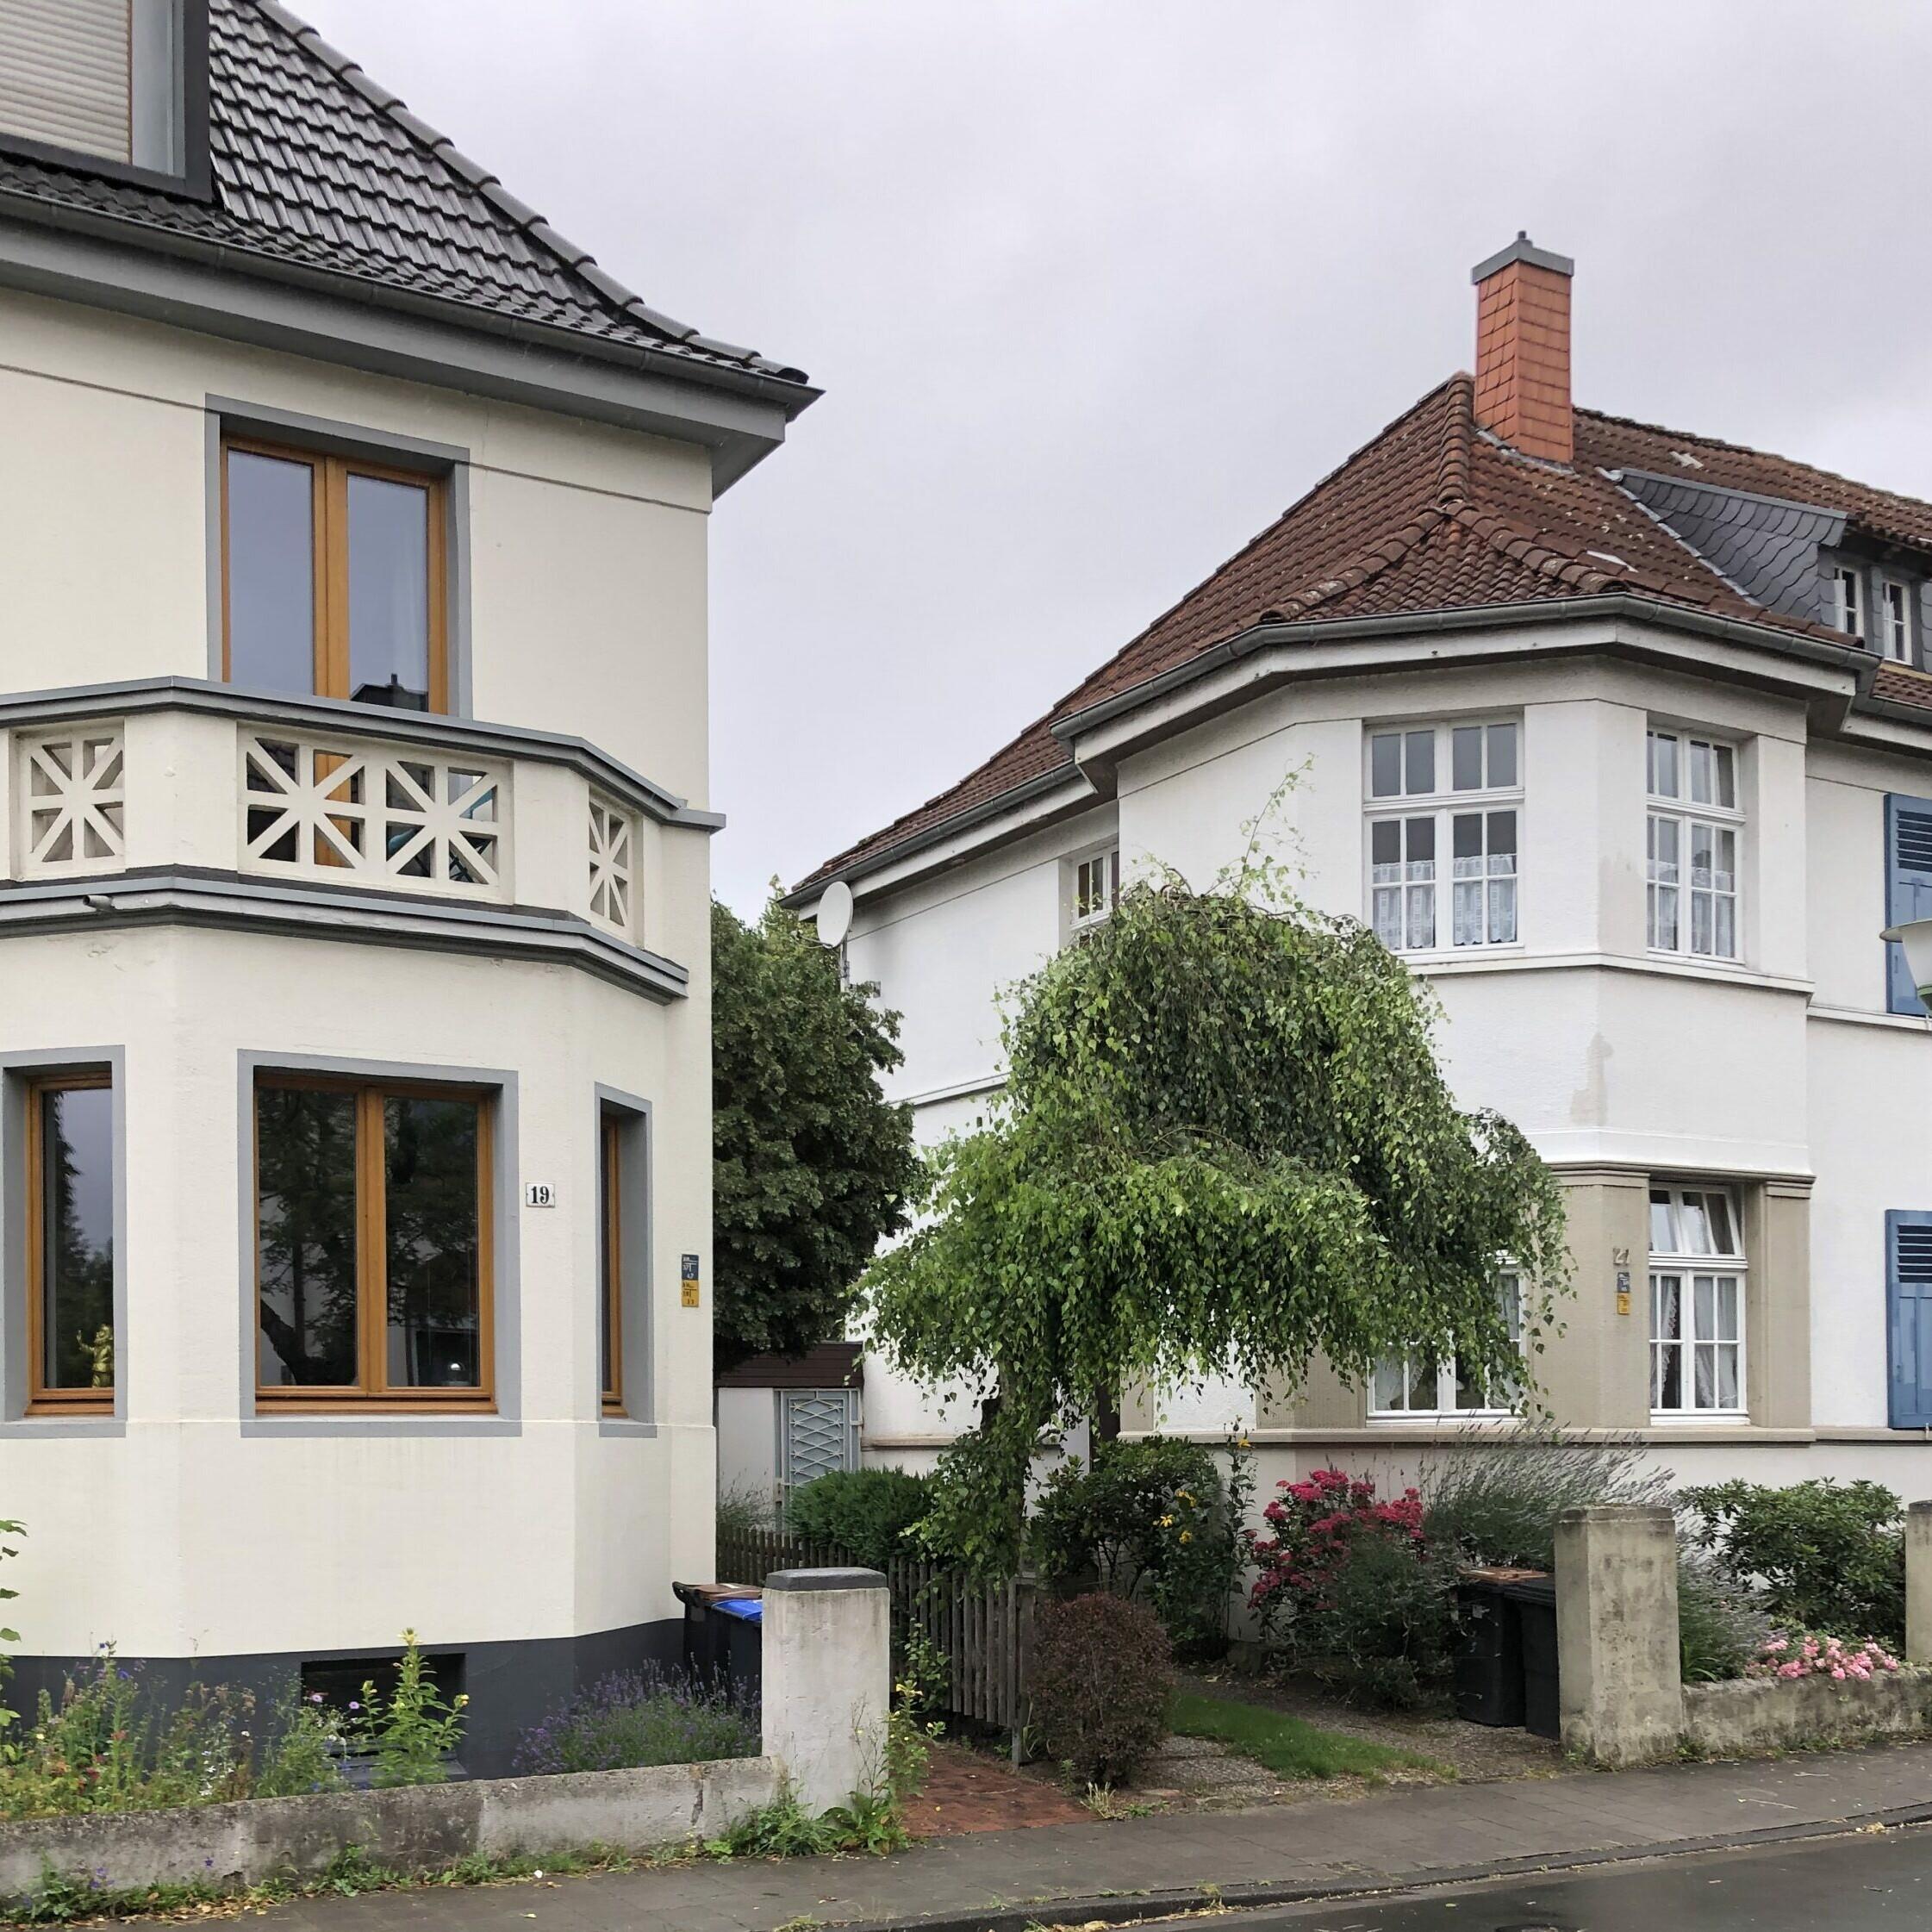 Münster vor Ort: Blitzdorf - Siedlungshäuser an der Rheinstraße - Foto: Stefan Rethfeld